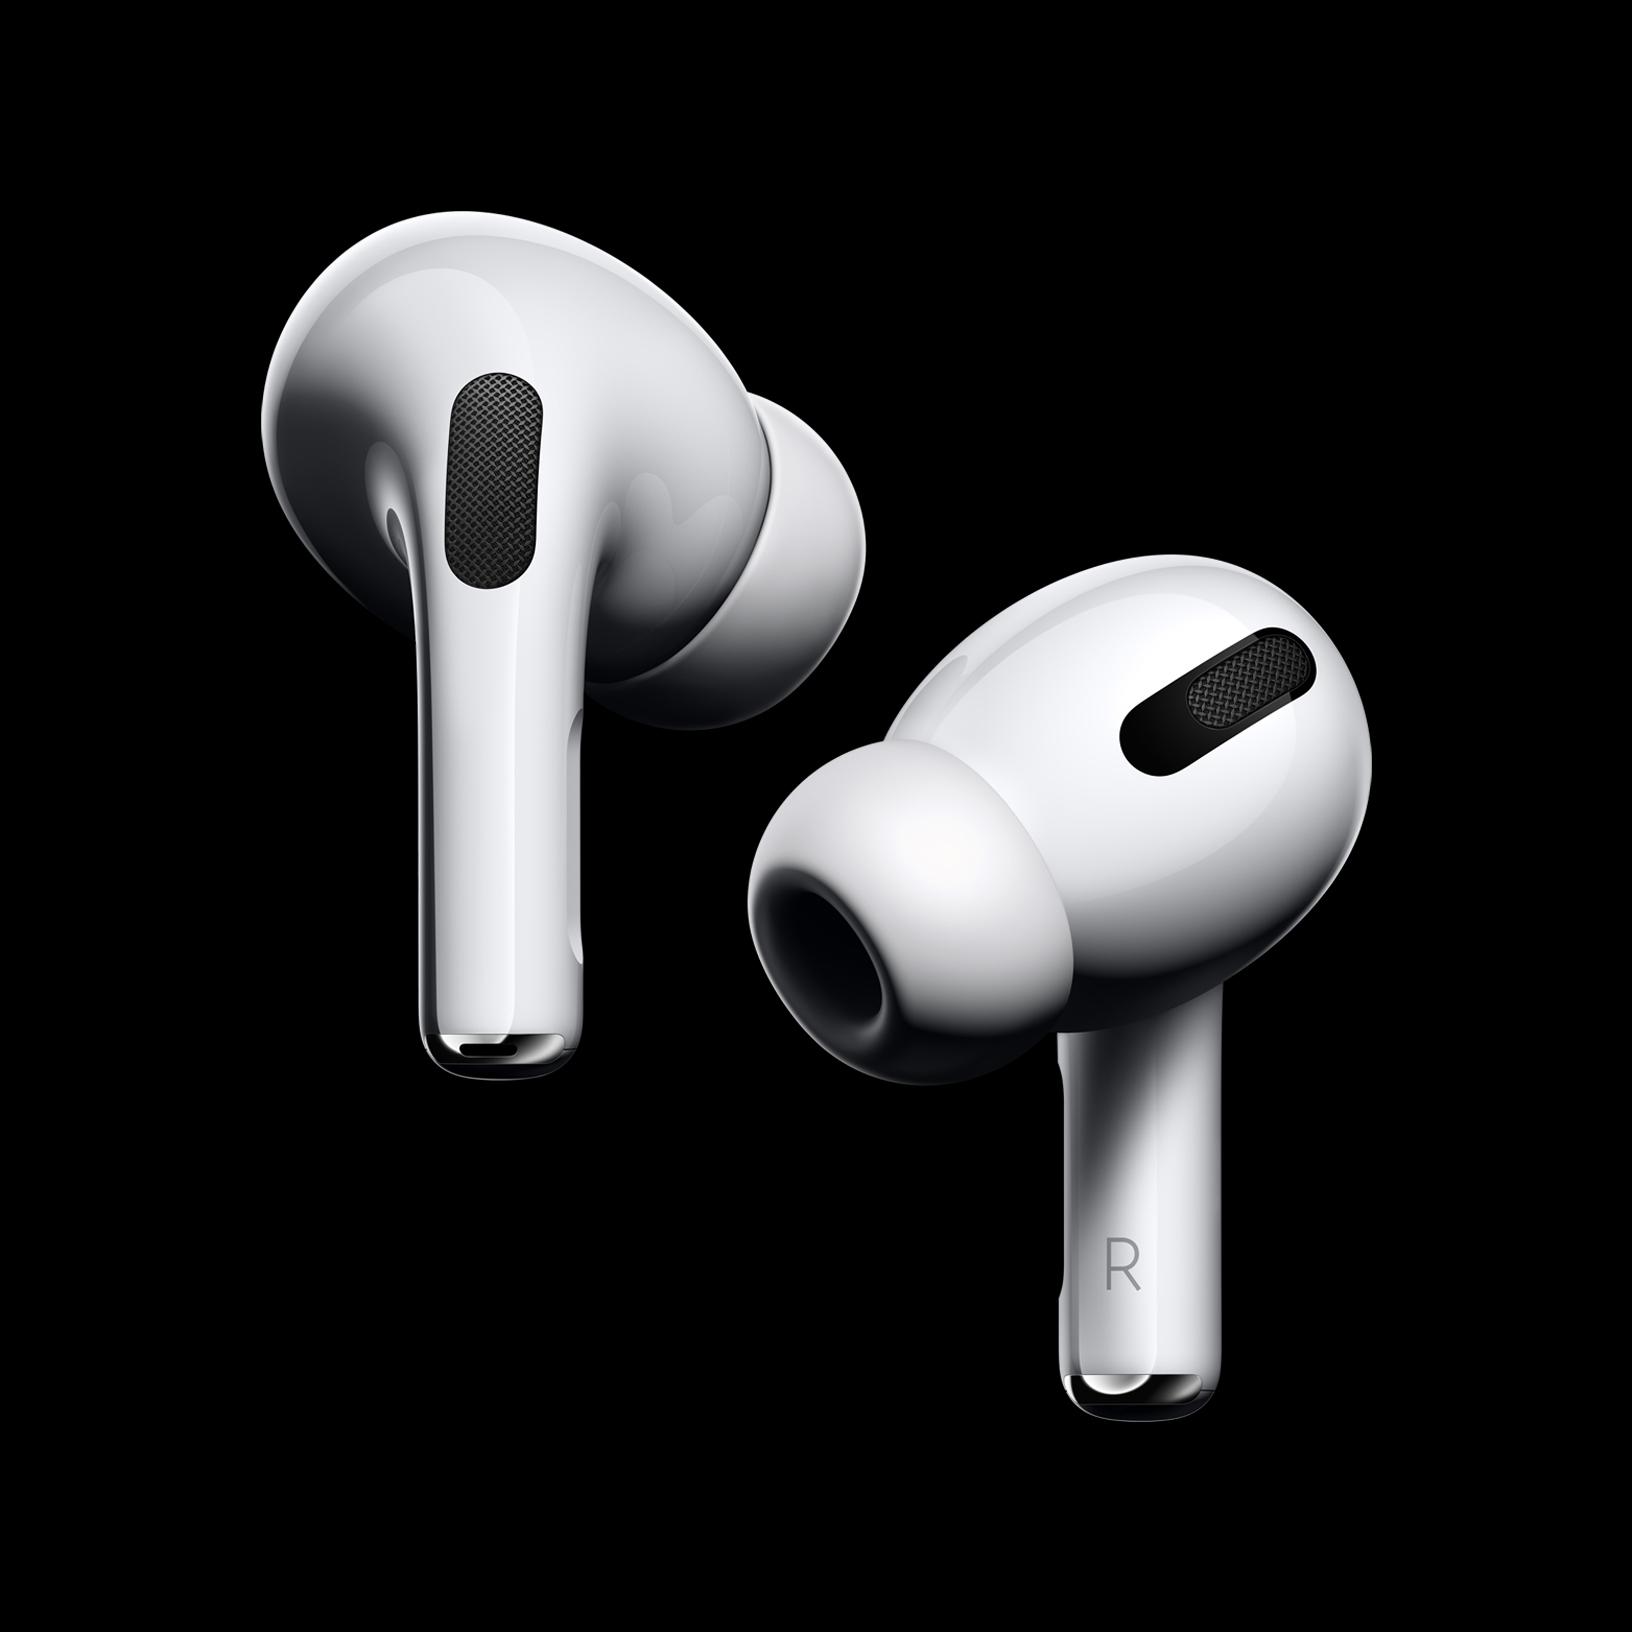 Airpods Pro Conheca Os Novos Fones De Ouvido Da Apple Iplace Blog